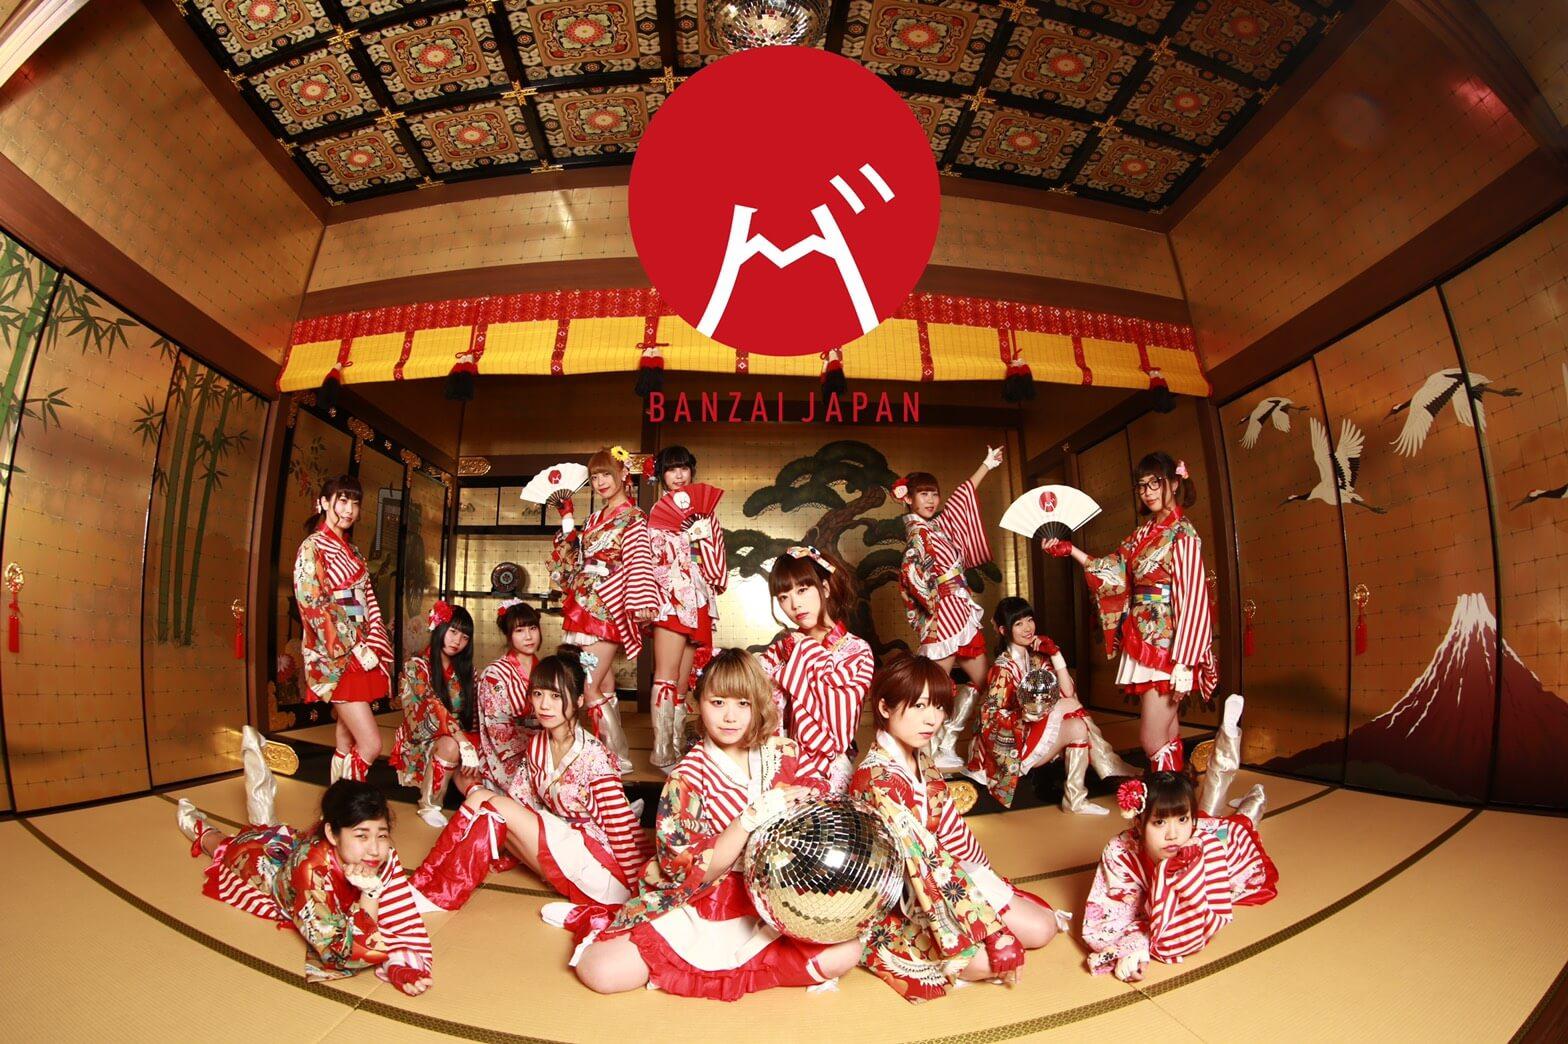 BANZAI JAPAN、メジャーシングル「十人十色」のMVが完成サムネイル画像!